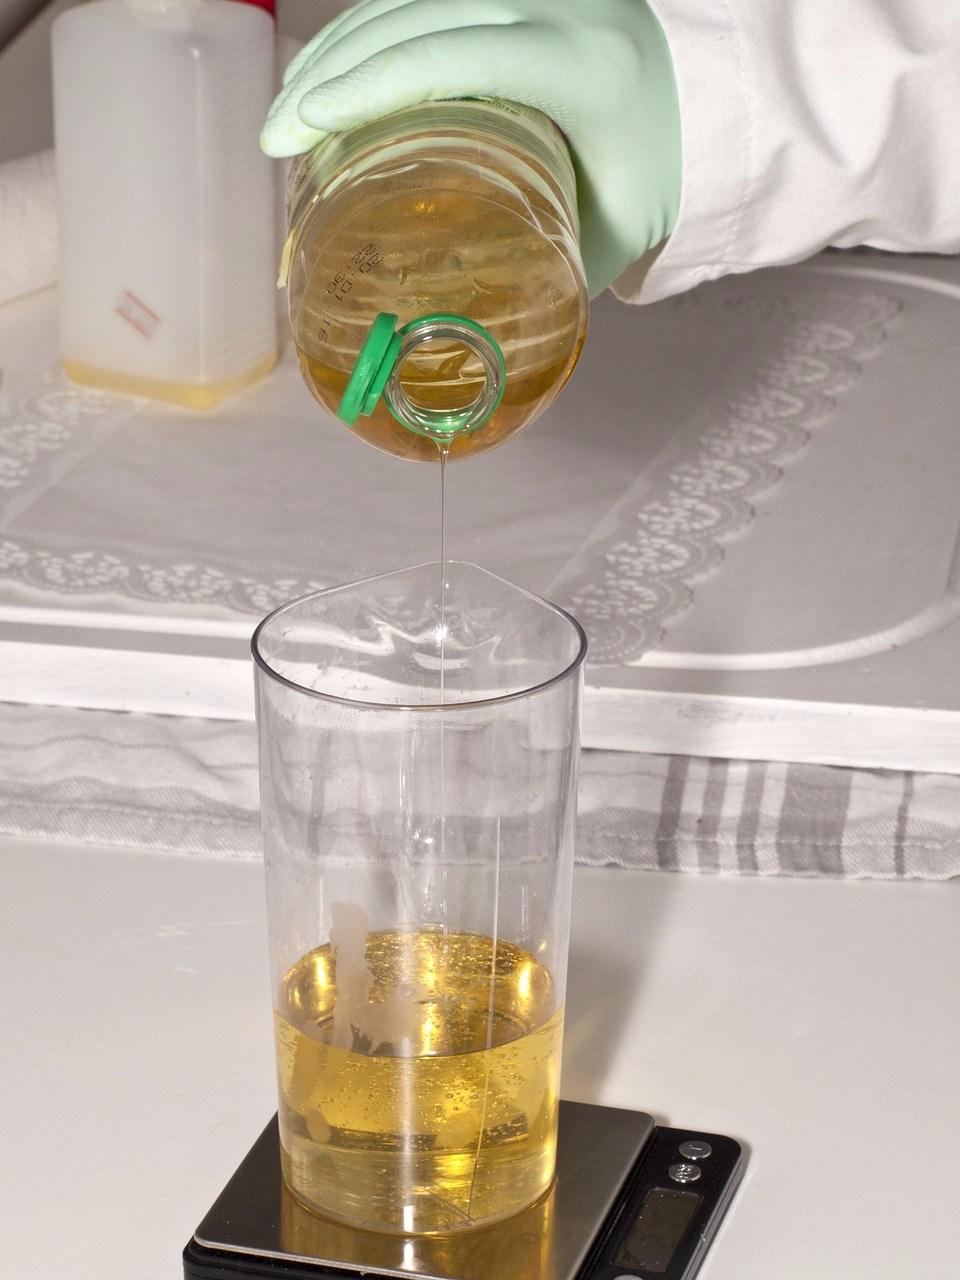 研究使用薰衣草、鼠尾草和墨角蘭三種精油,以2:1:1比例混合,再稀釋到3%。 按摩後,經痛的時間從2.4天減至1.8天。